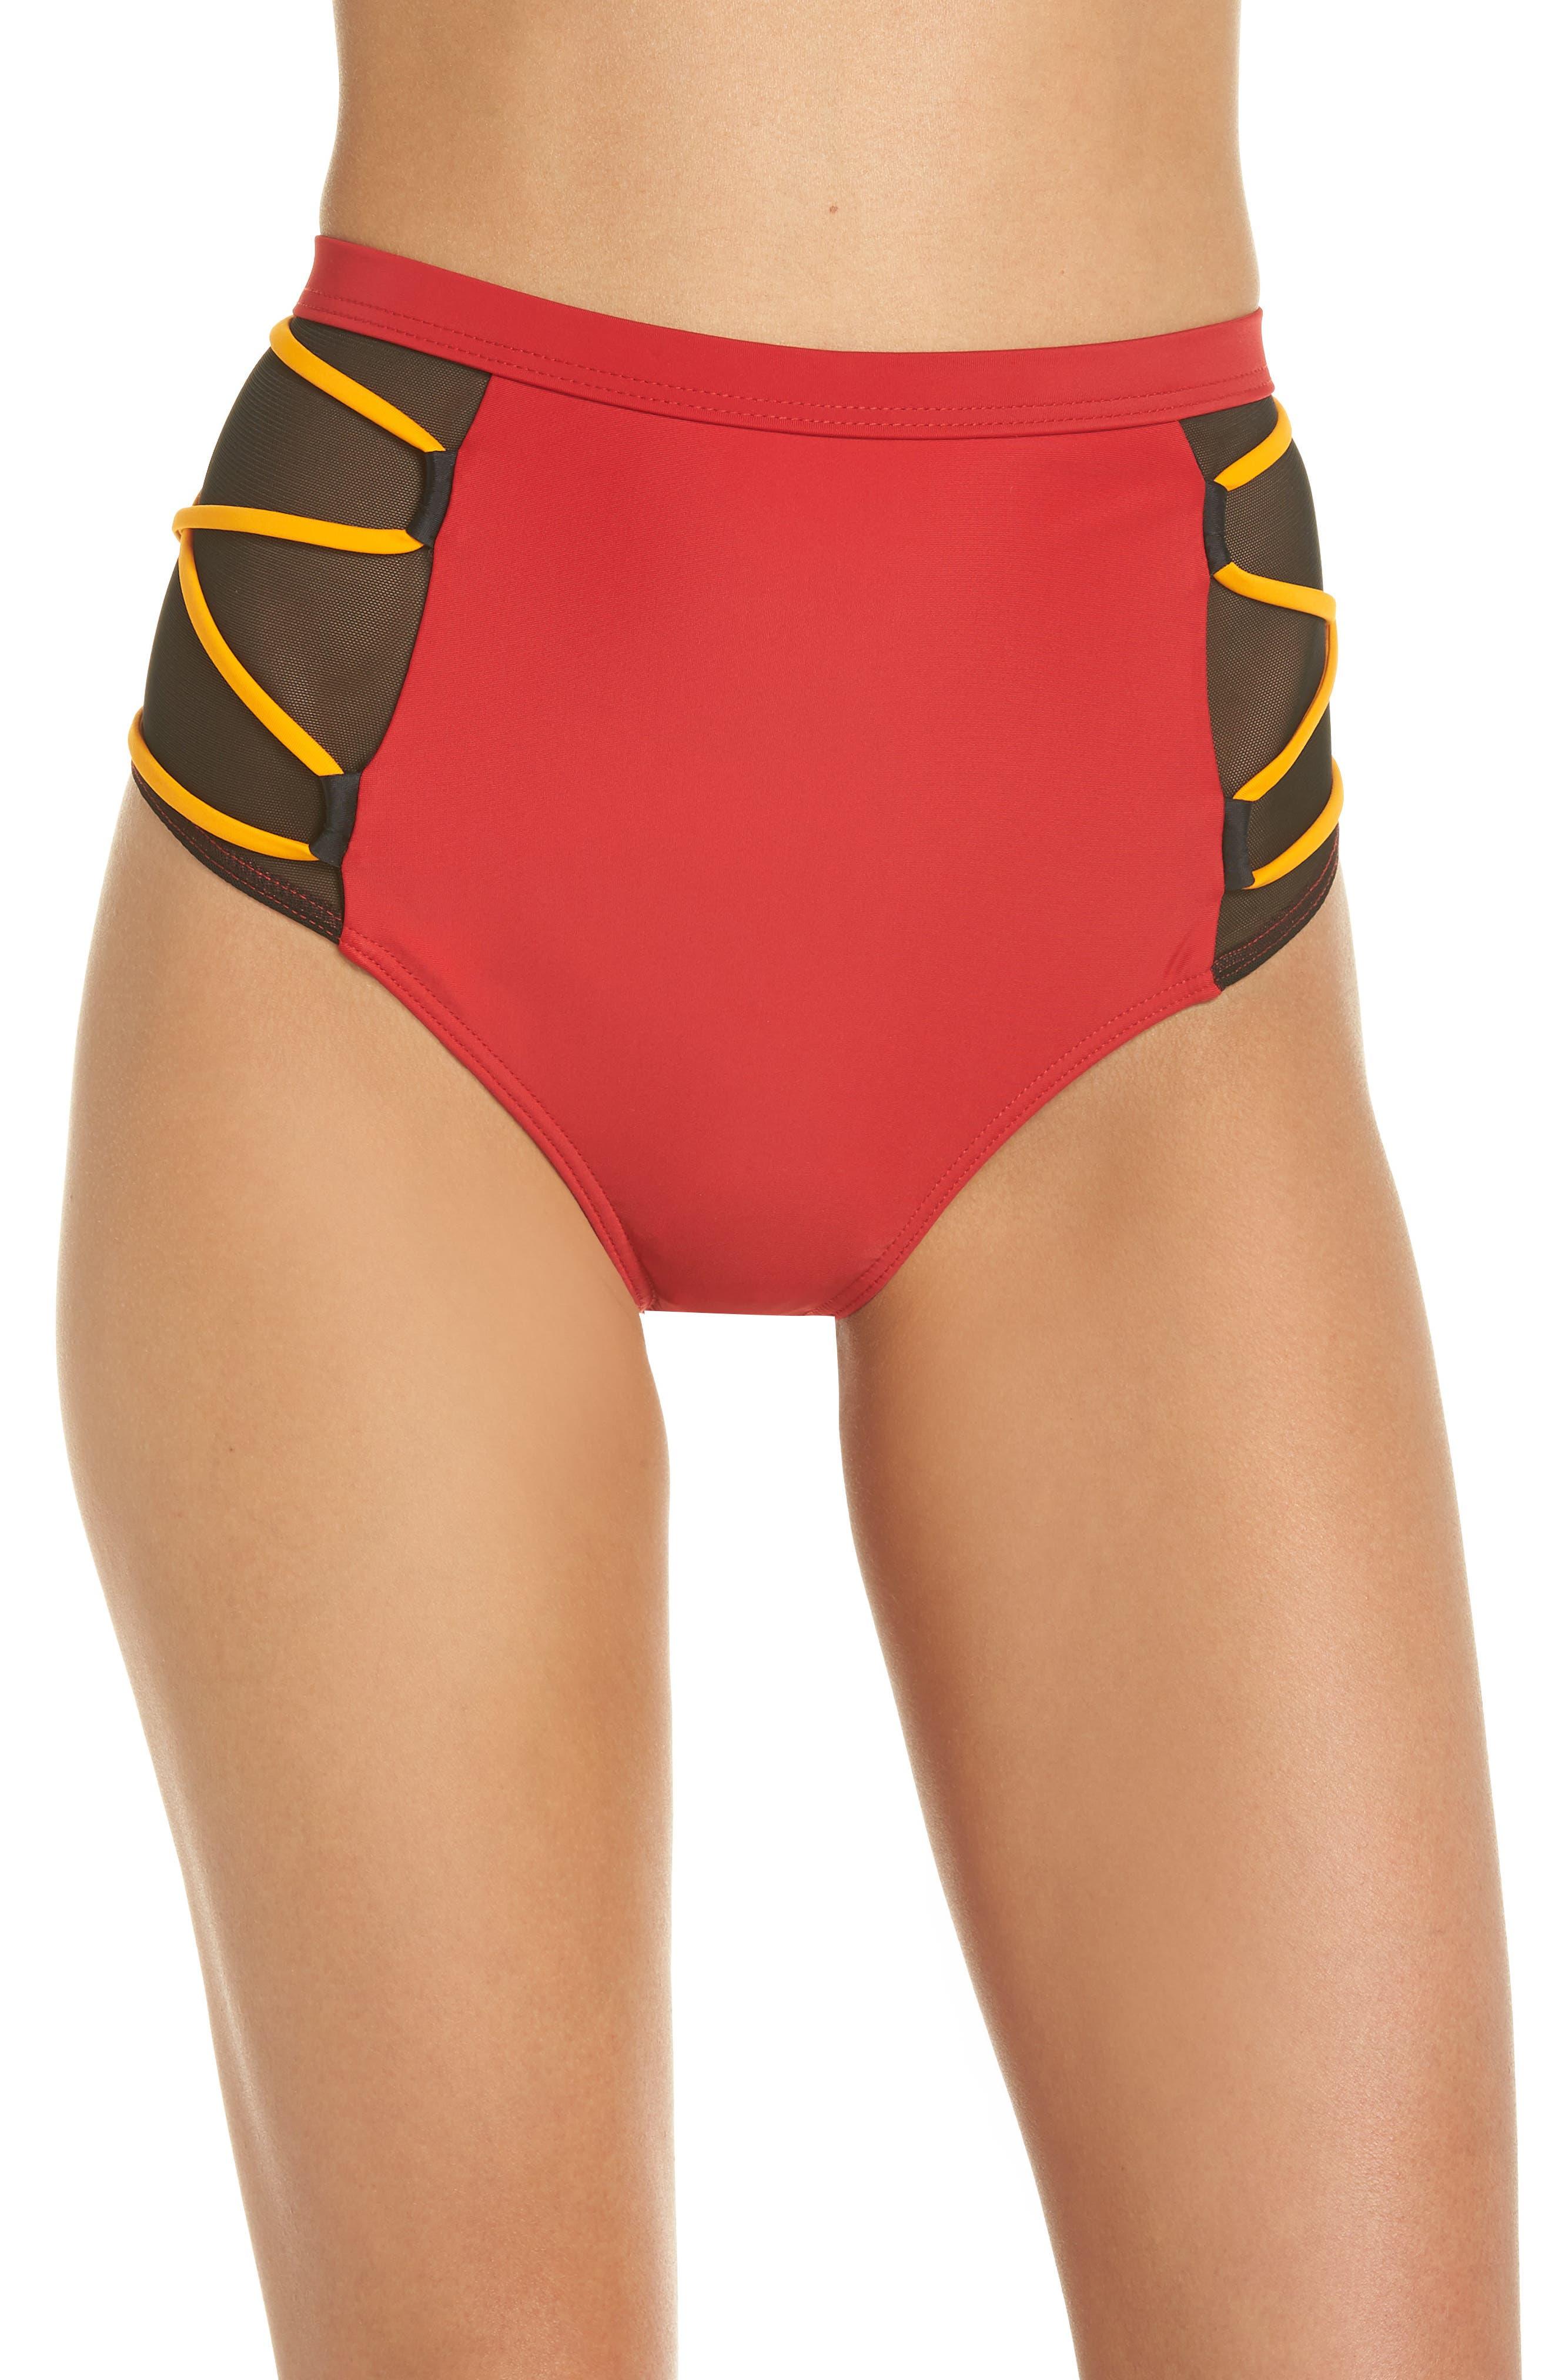 Launch Bikini Bottoms,                         Main,                         color, Red/ Black/ Orange